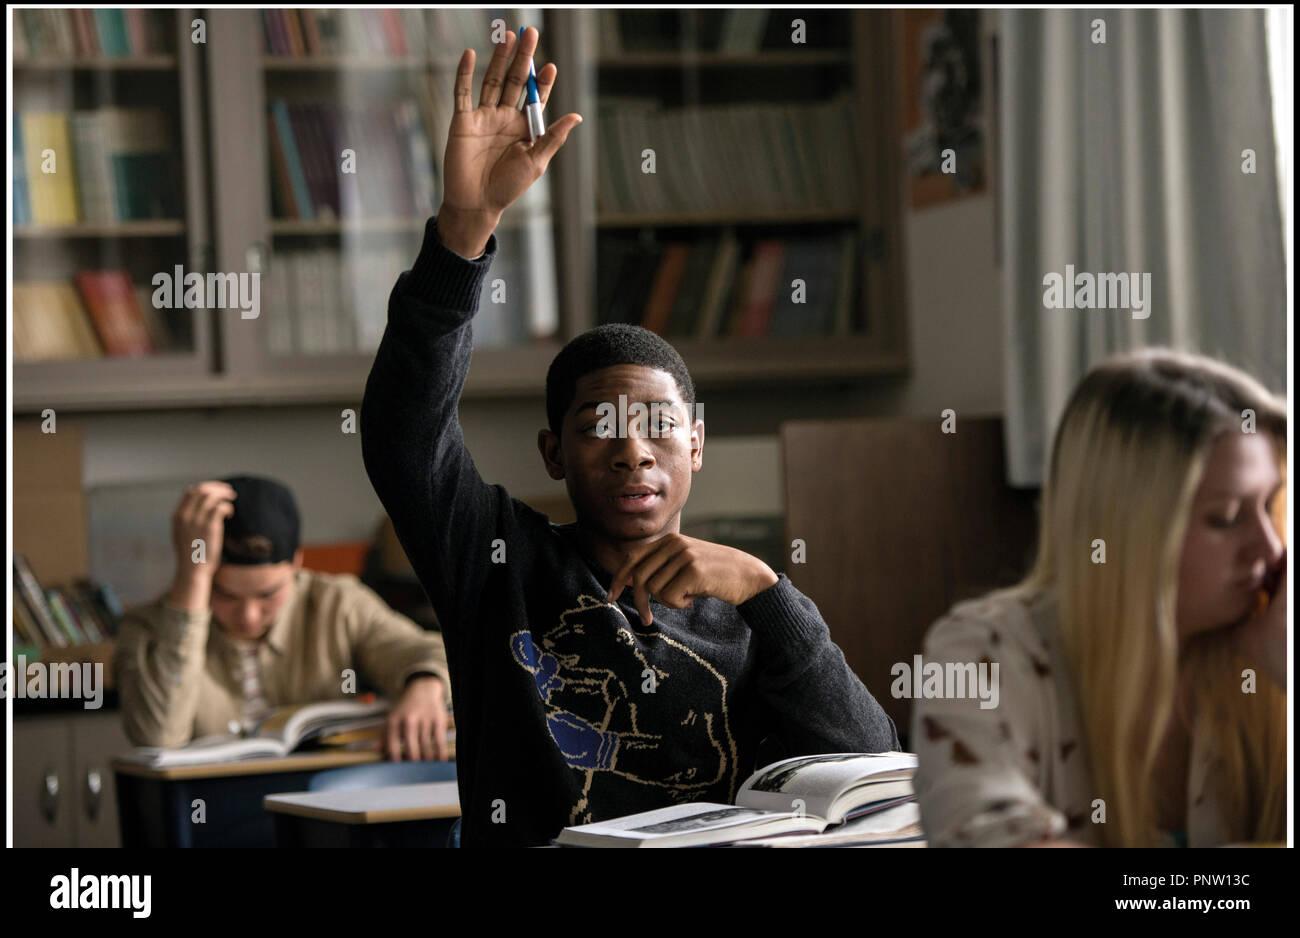 Prod DB © Lionsgate - Saban Brands -Saban Entertainment / DR POWER RANGERS de Dean Israelite 2017 USA avec RJ Cyler fantastique, action, super heros d'apres la serie TV 'Mighty Morphin Power Rangers' créée par Haim Saban et Shuki Levy - Stock Image